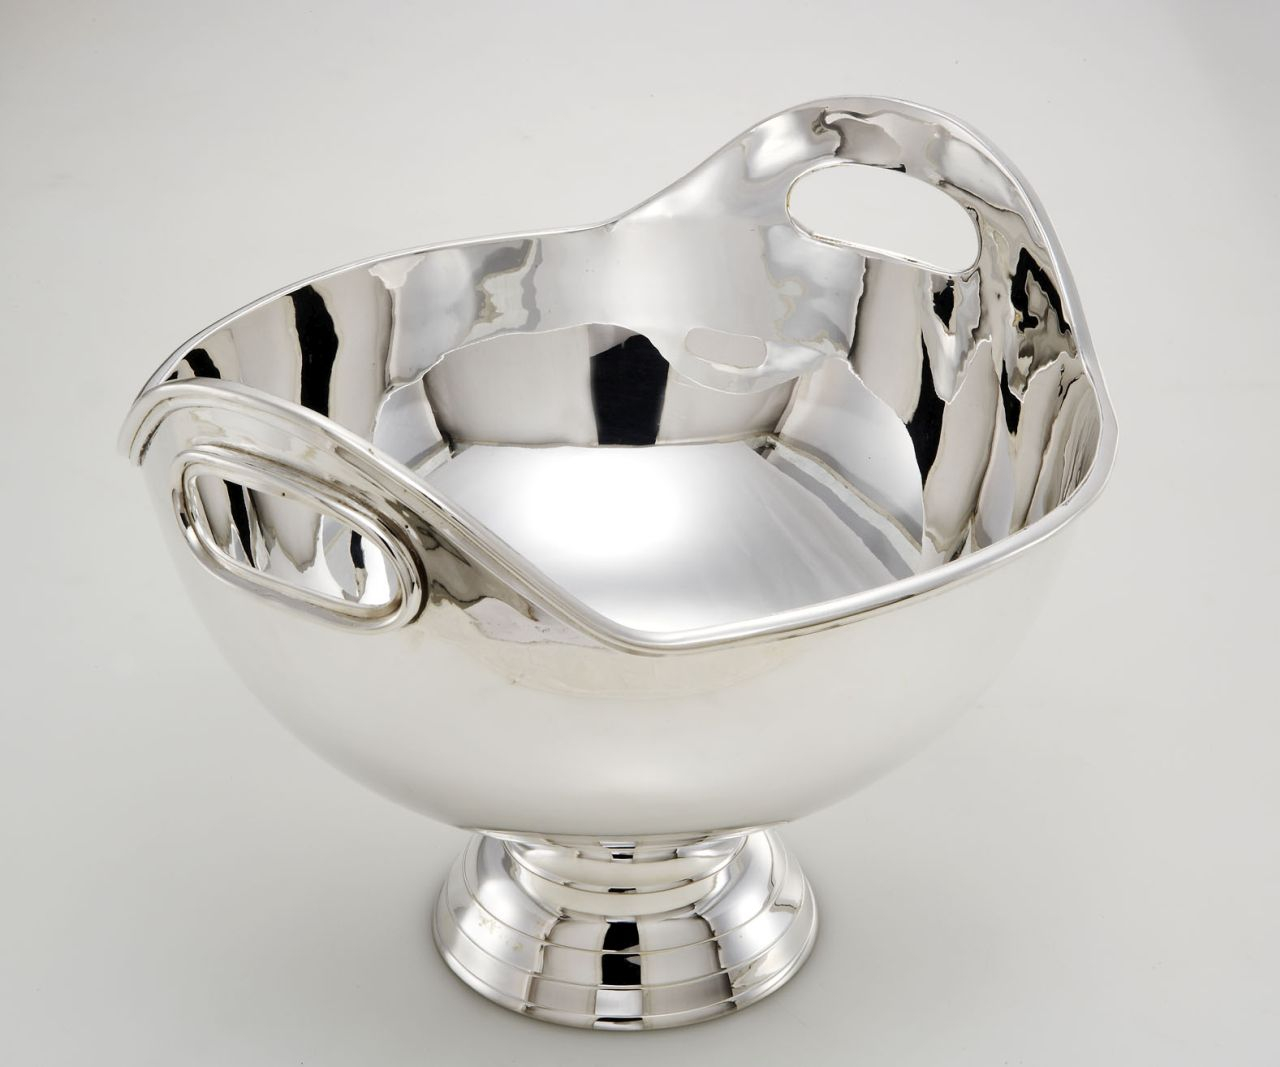 Spumantiera secchiello champagne placcato argento sheffield stile Inglese cm.34h diam.43